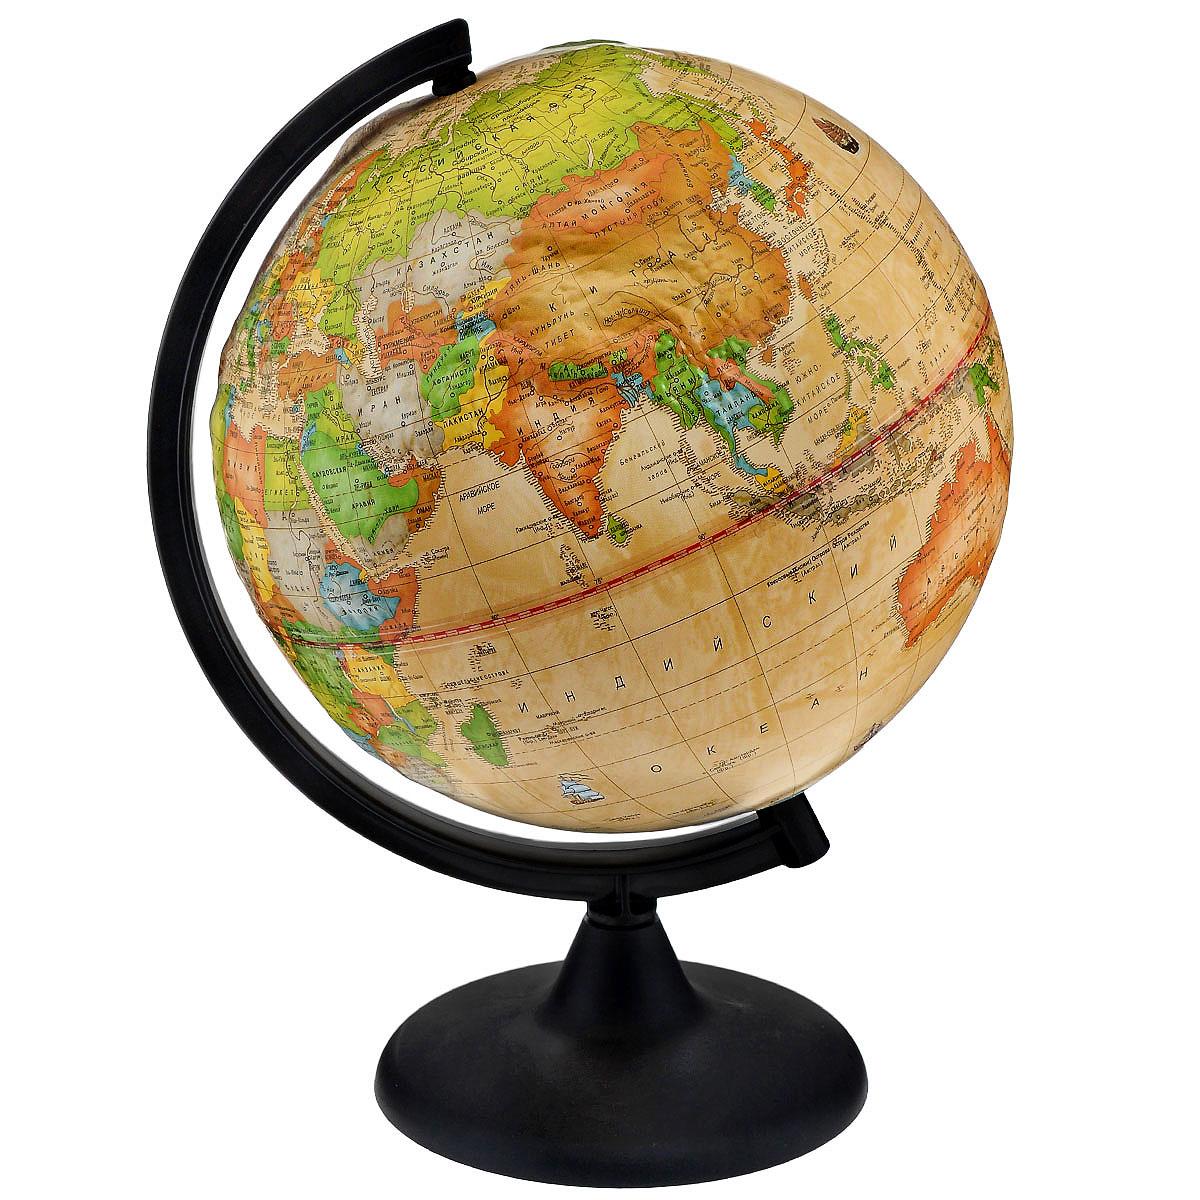 Глобусный мир Глобус с политической картой, Ретро-Александр, рельефный, диаметр 25 см10178Глобус Ретро-Александр в ретро стиле с политической картой мира выполнен в высоком качестве, с четким и ярким изображением. Он даст представление о политическом устройстве мира. На нем отображены линии картографической сетки, показаны границы государств и демаркационные линии, столицы и крупные населенные пункты, линия перемены дат. Глобус легко вращается вокруг своей оси. Подставка черного цвета изготовлена из прочного пластика. Глобус является уменьшенной и практически не искаженной моделью Земли и предназначен для использования в качестве наглядного картографического пособия, а также для украшения интерьера квартир, кабинетов и офисов. Красочность, повышенная наглядность визуального восприятия взаимосвязей, отображенных на глобусе объектов и явлений, в сочетании с простотой выполнения по нему различных измерений делают глобус доступным широкому кругу потребителей для получения разнообразной познавательной, научной и справочной информации о Земле. Масштаб:...